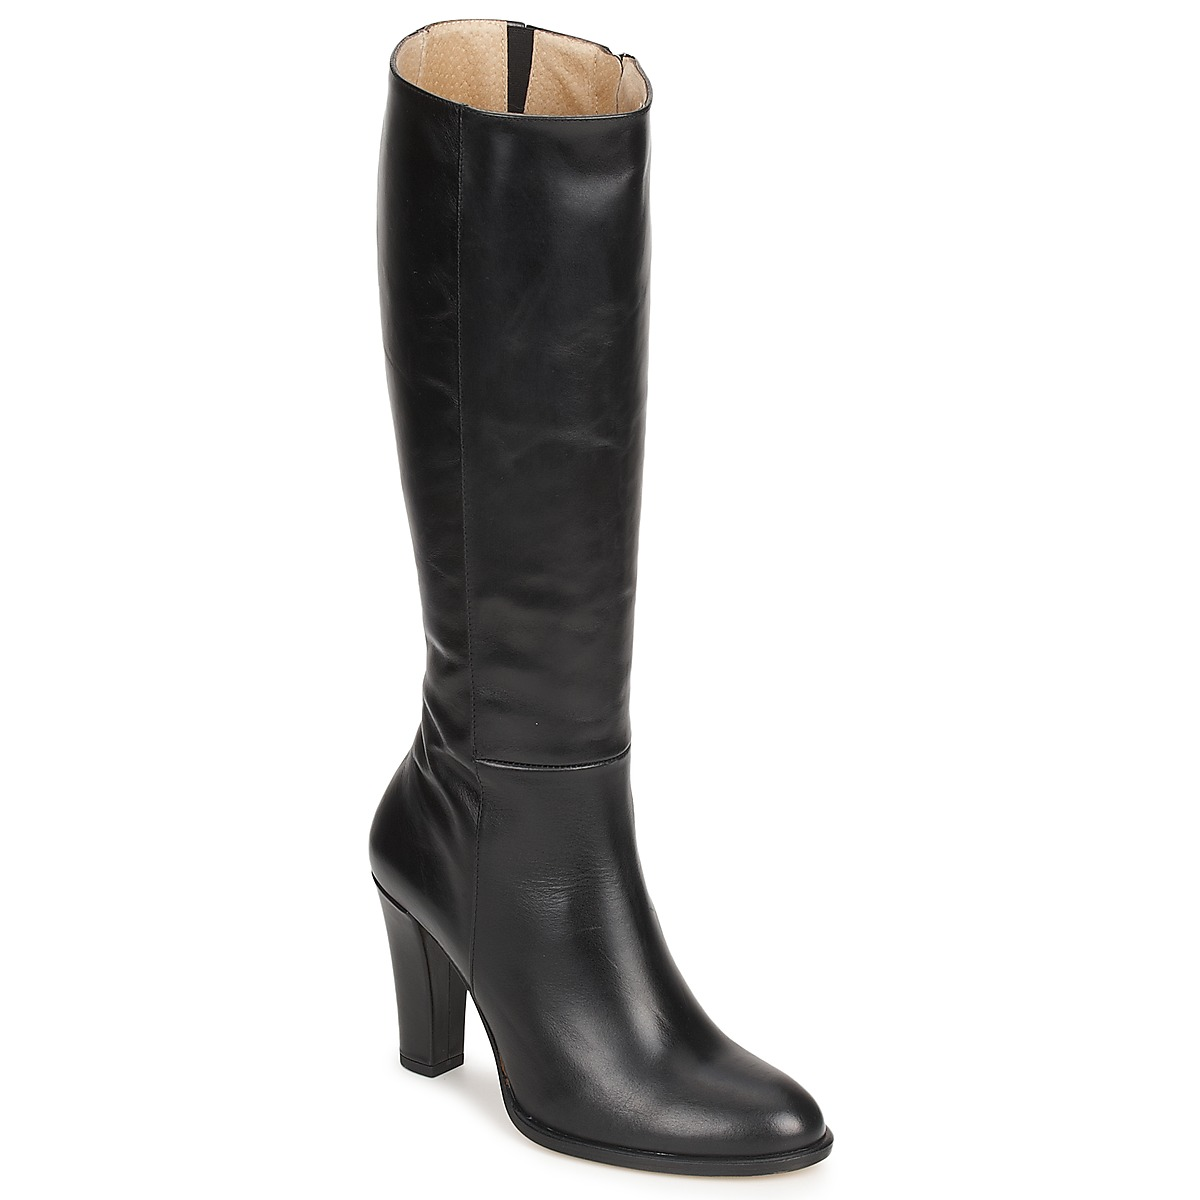 Fericelli MAIA Schwarz - Kostenloser Versand bei Spartoode ! - Schuhe Klassische Stiefel Damen 159,20 €